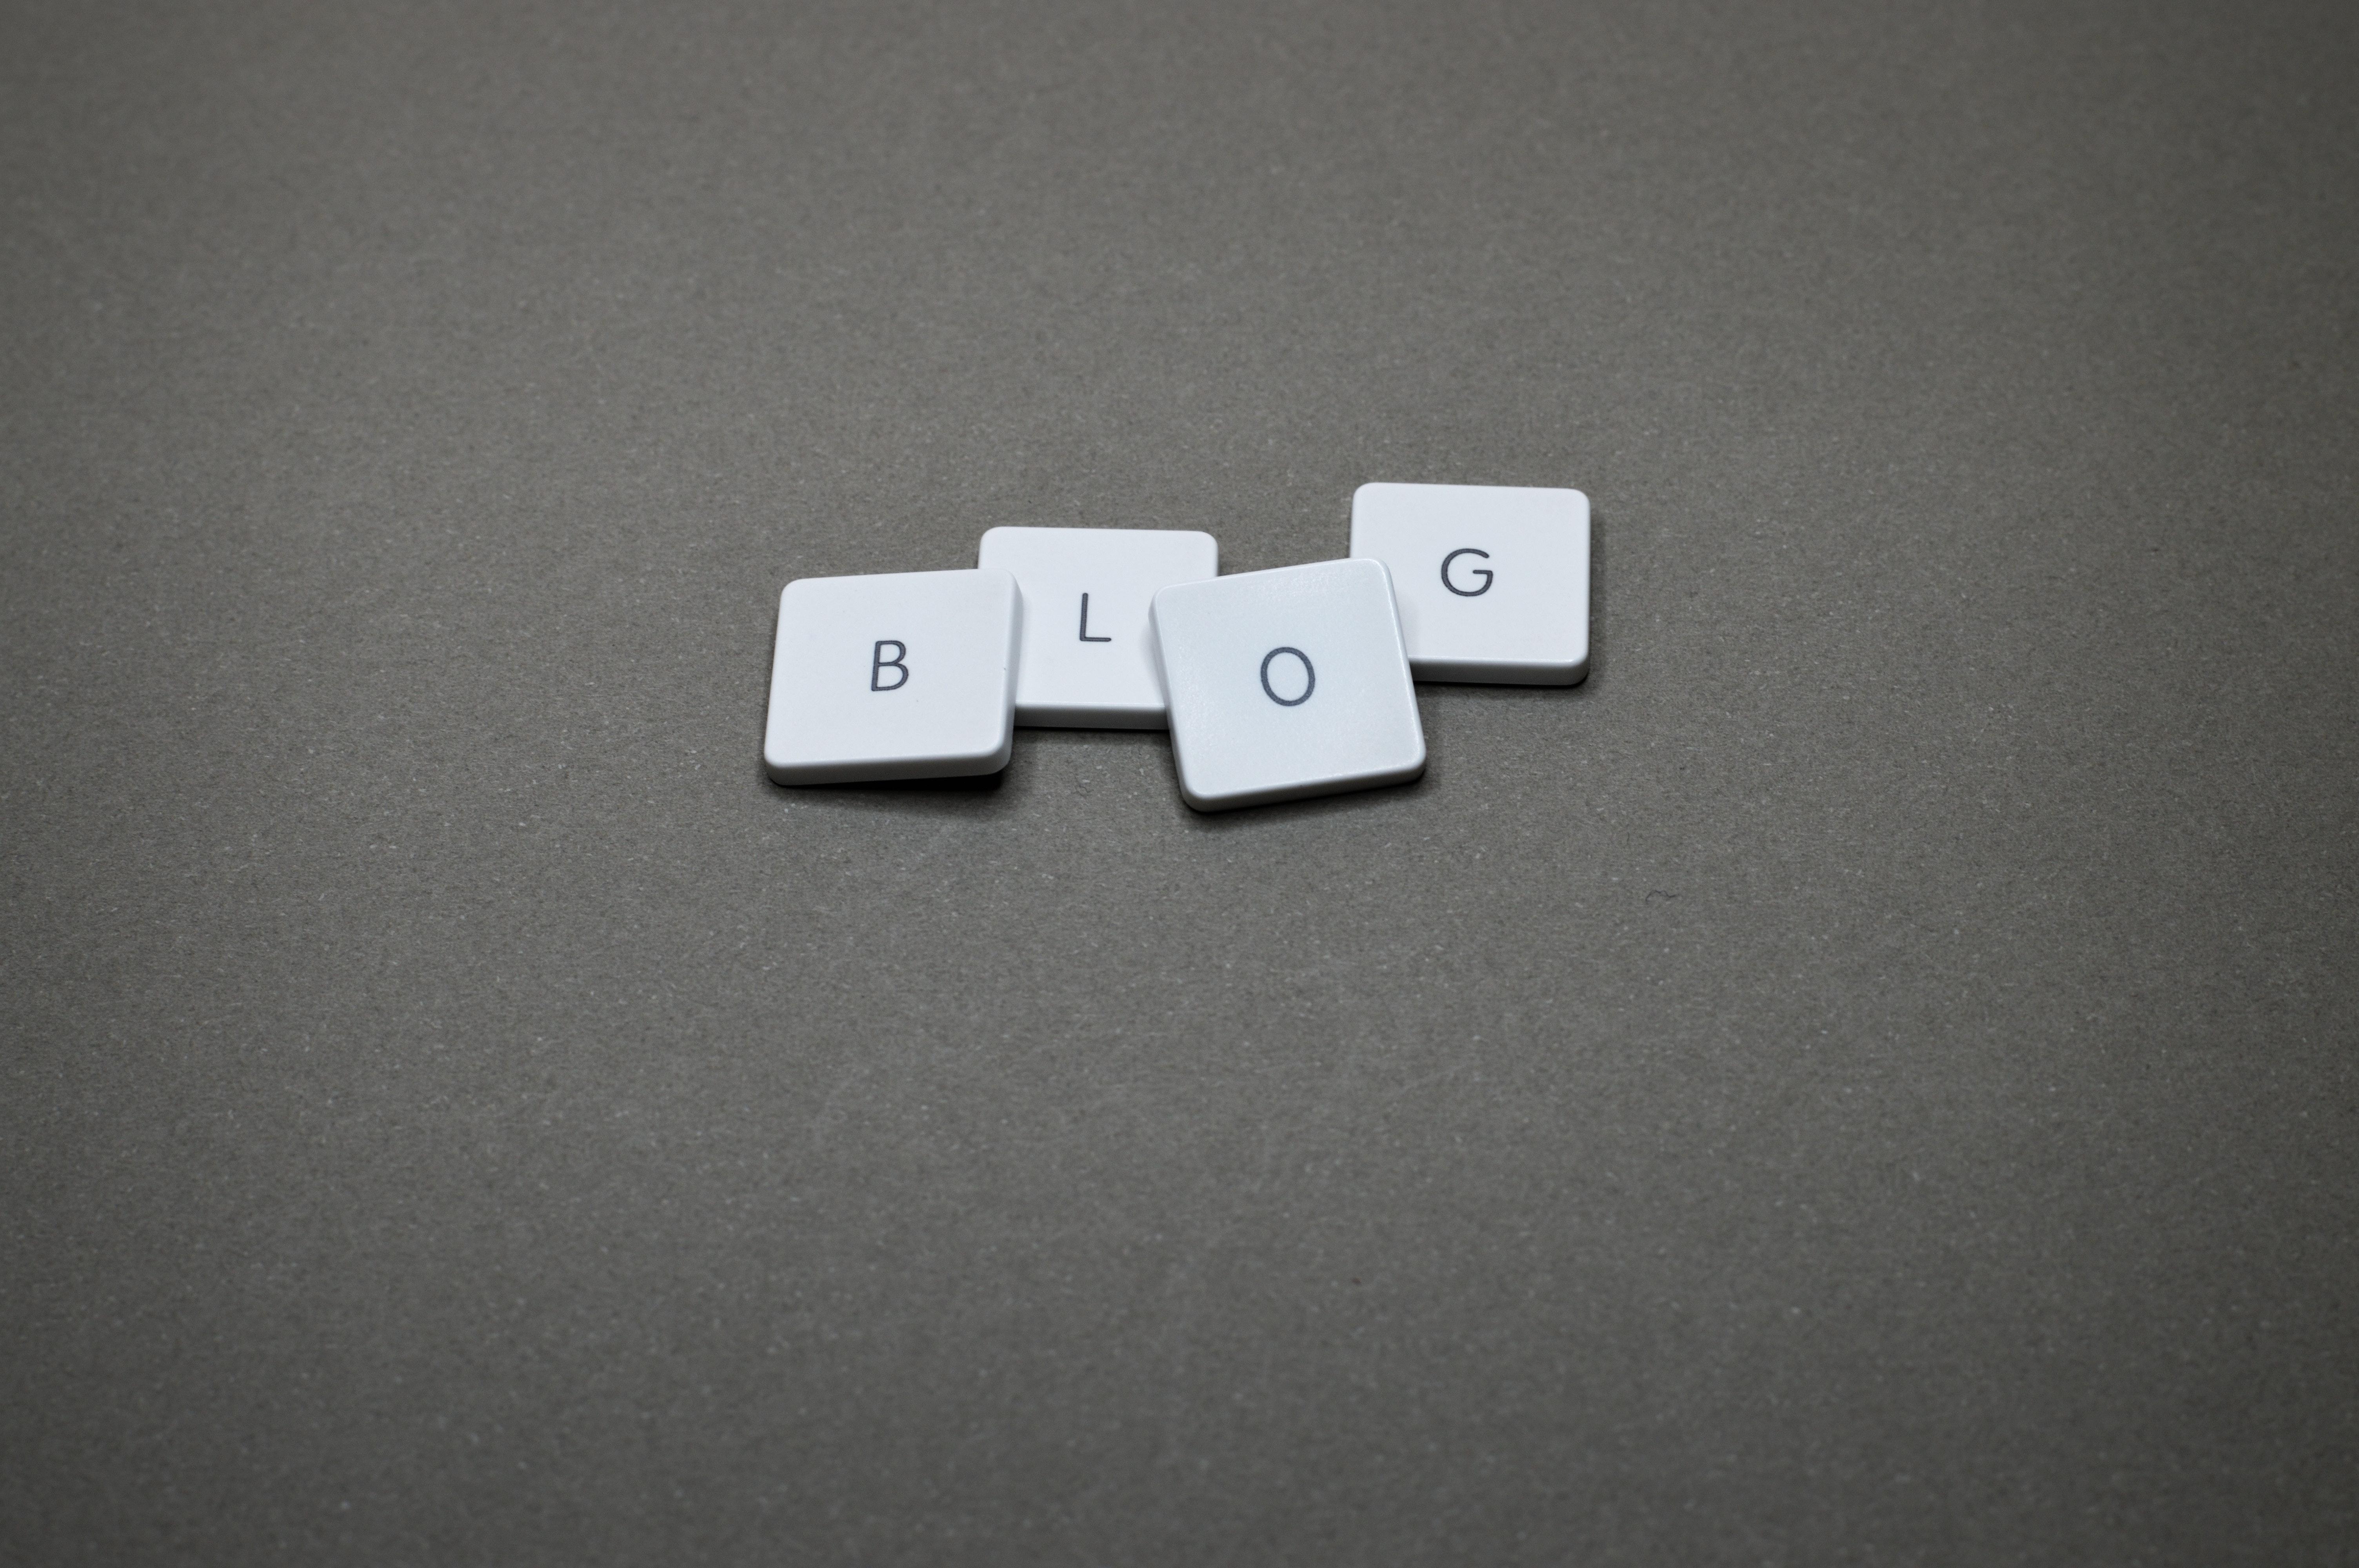 blog bisnis kancing kancing karakter komunikasi komputer konseptual memotong diskusi pameran kelabu informasi Internet Keyboard